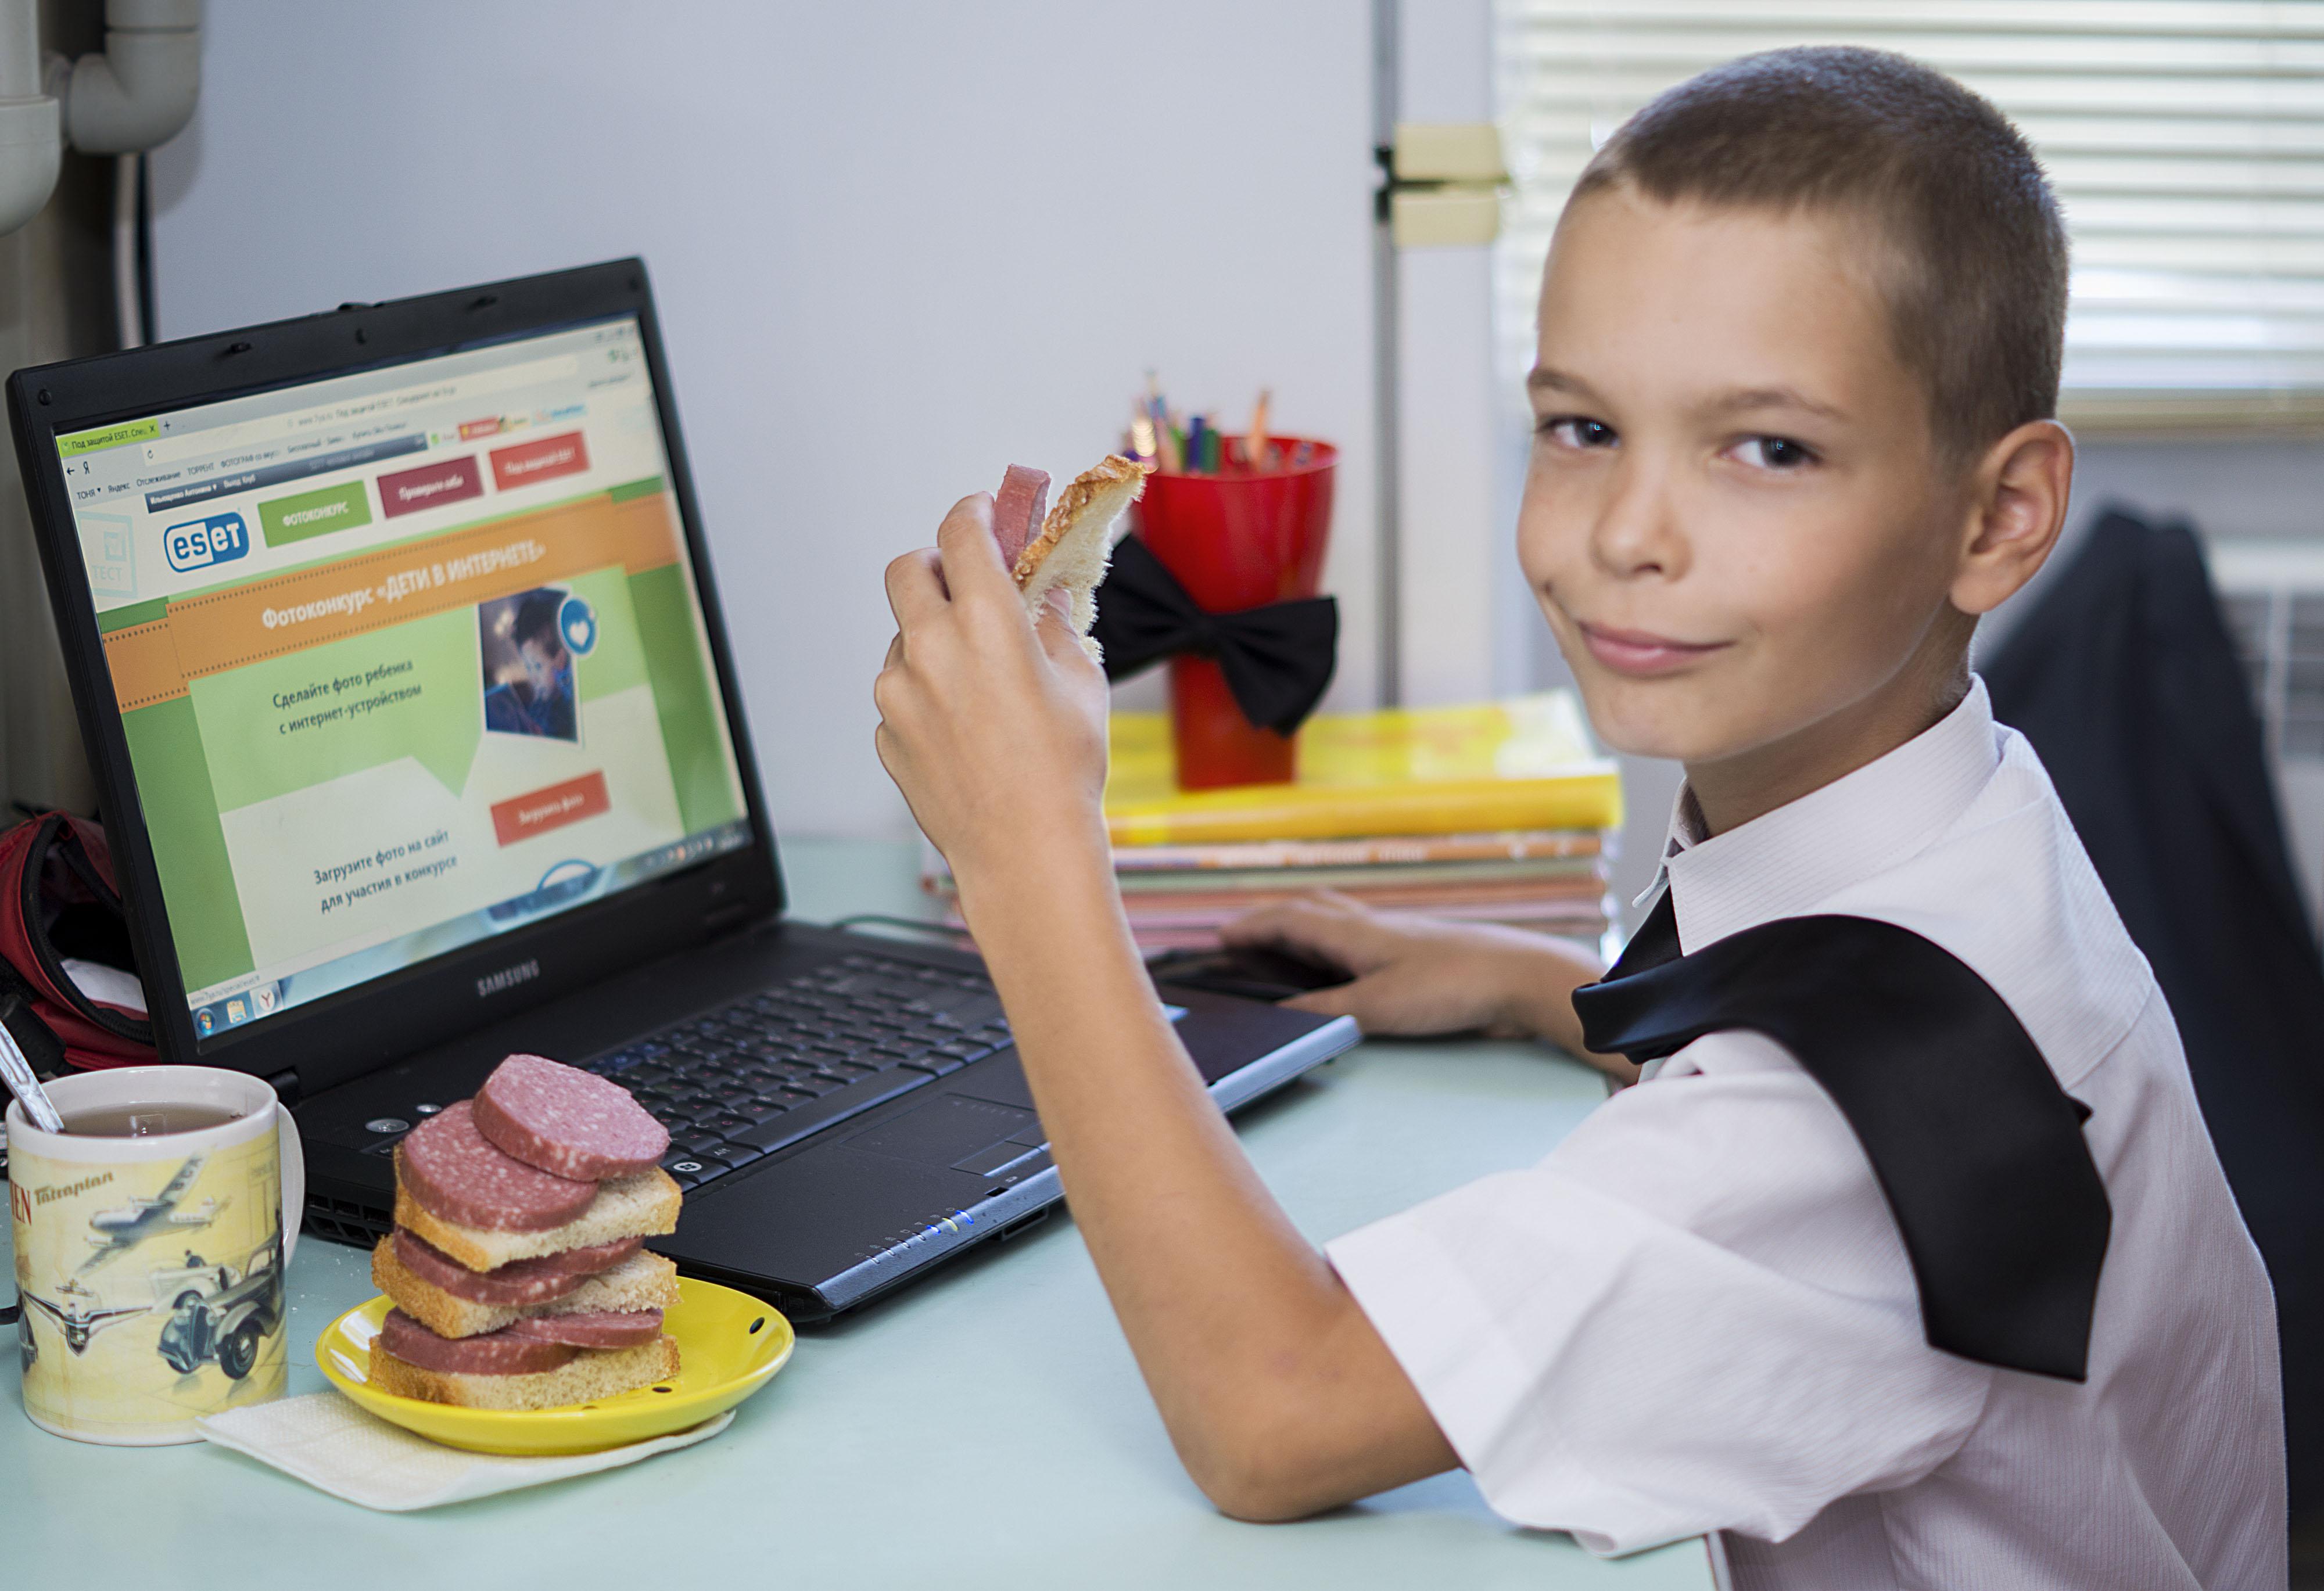 так-так, что там сегодня в мире интернета.... Дети в интернете